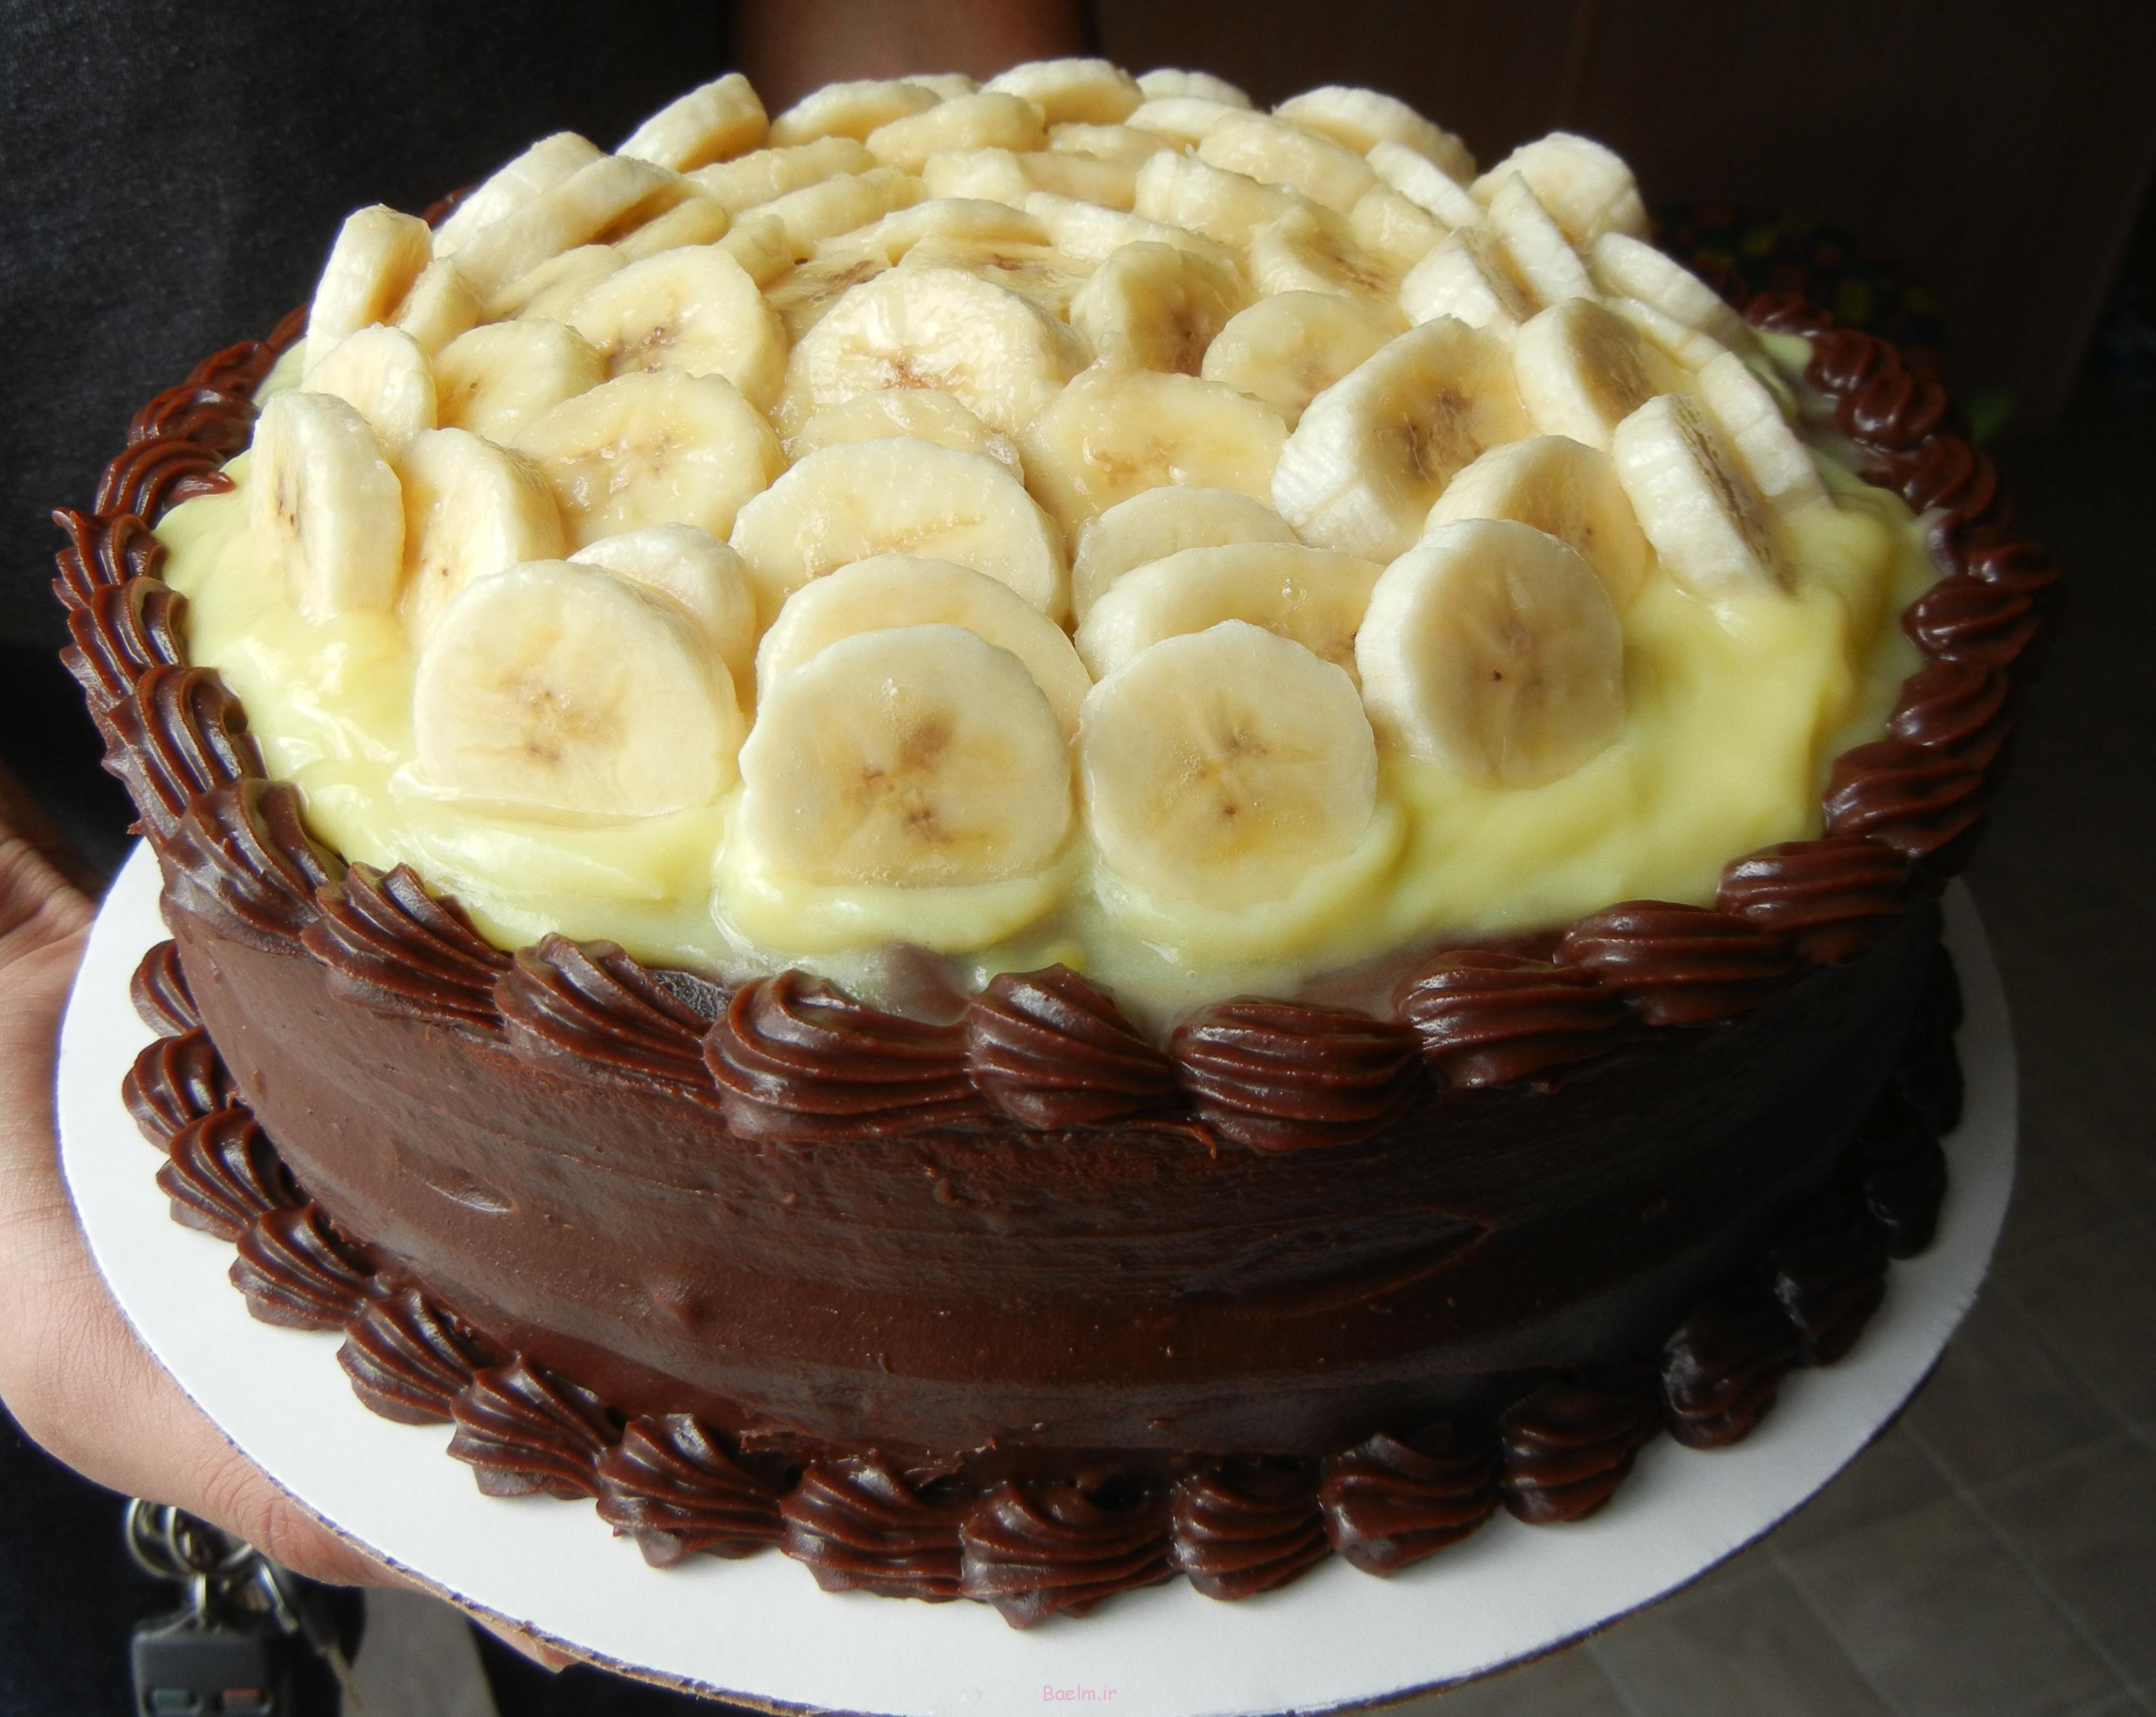 عکس تزیین کیک با موز و میوه،تزئین کیک با موز،کیک موزی • همراه با ...